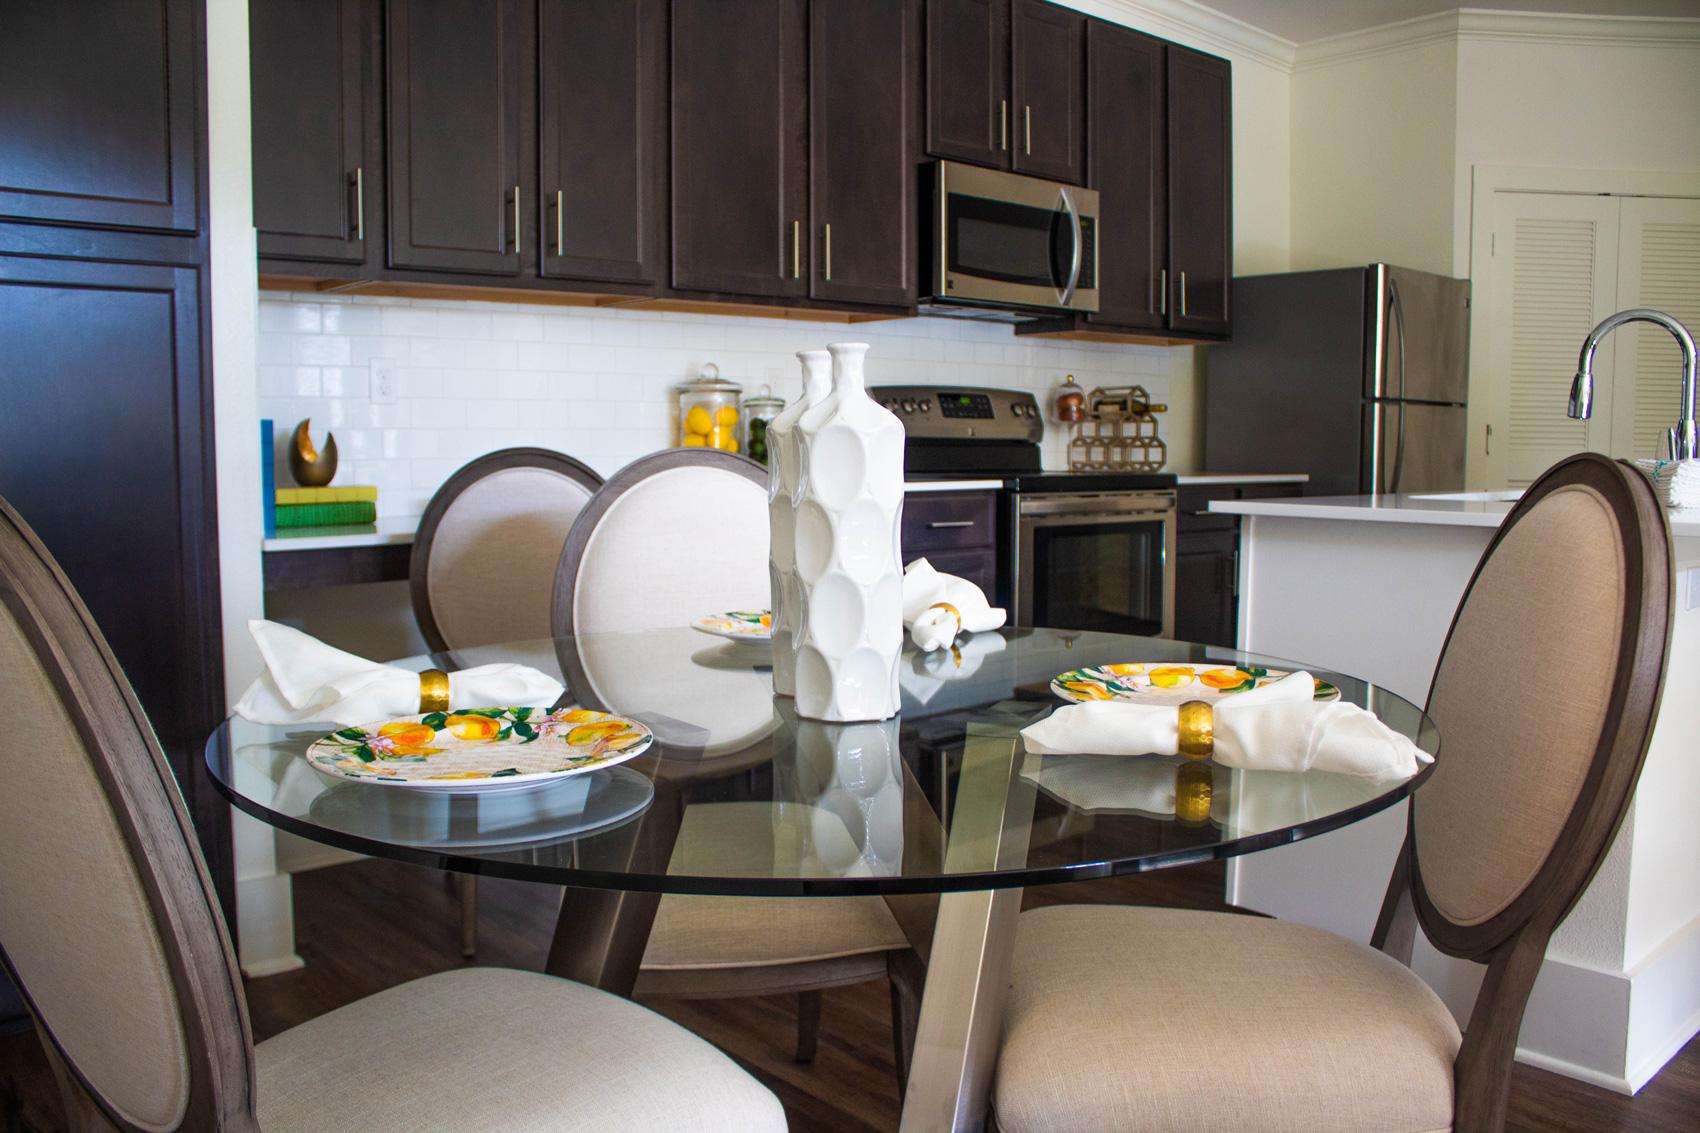 Dining Area at The Palms at Juban Lakes Apartments in Denham Springs, Louisiana